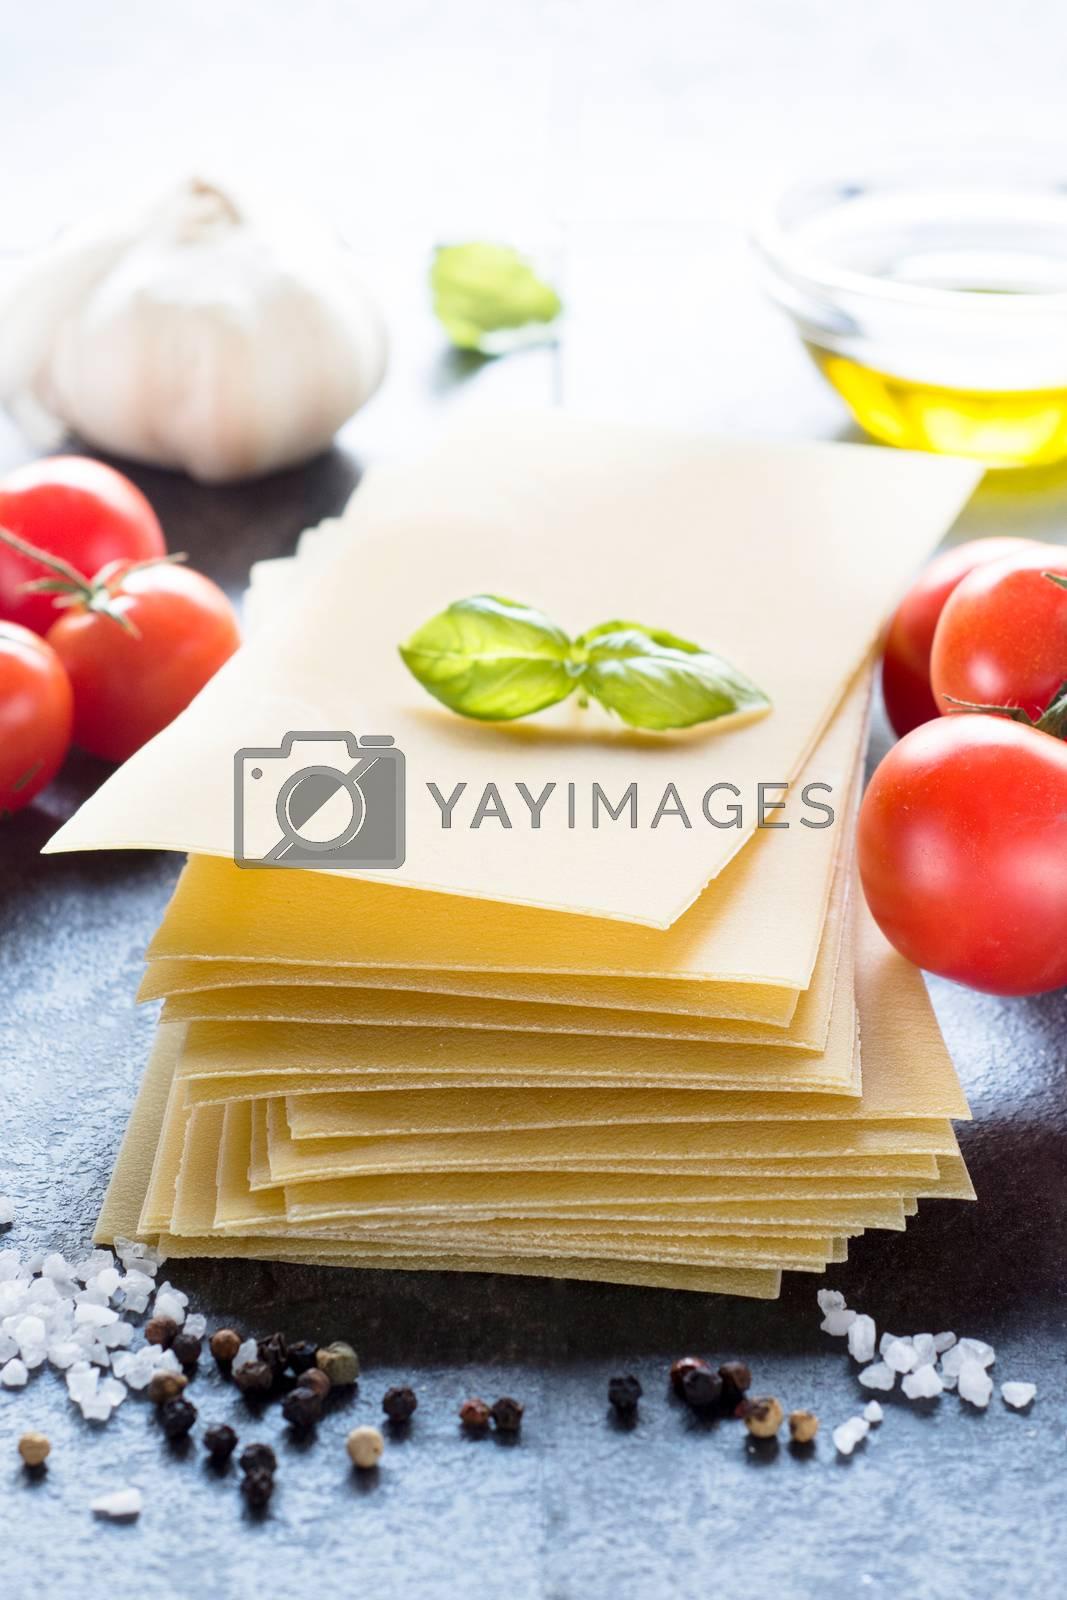 Lasagna ingredients for preparing Italian dish,selective focus